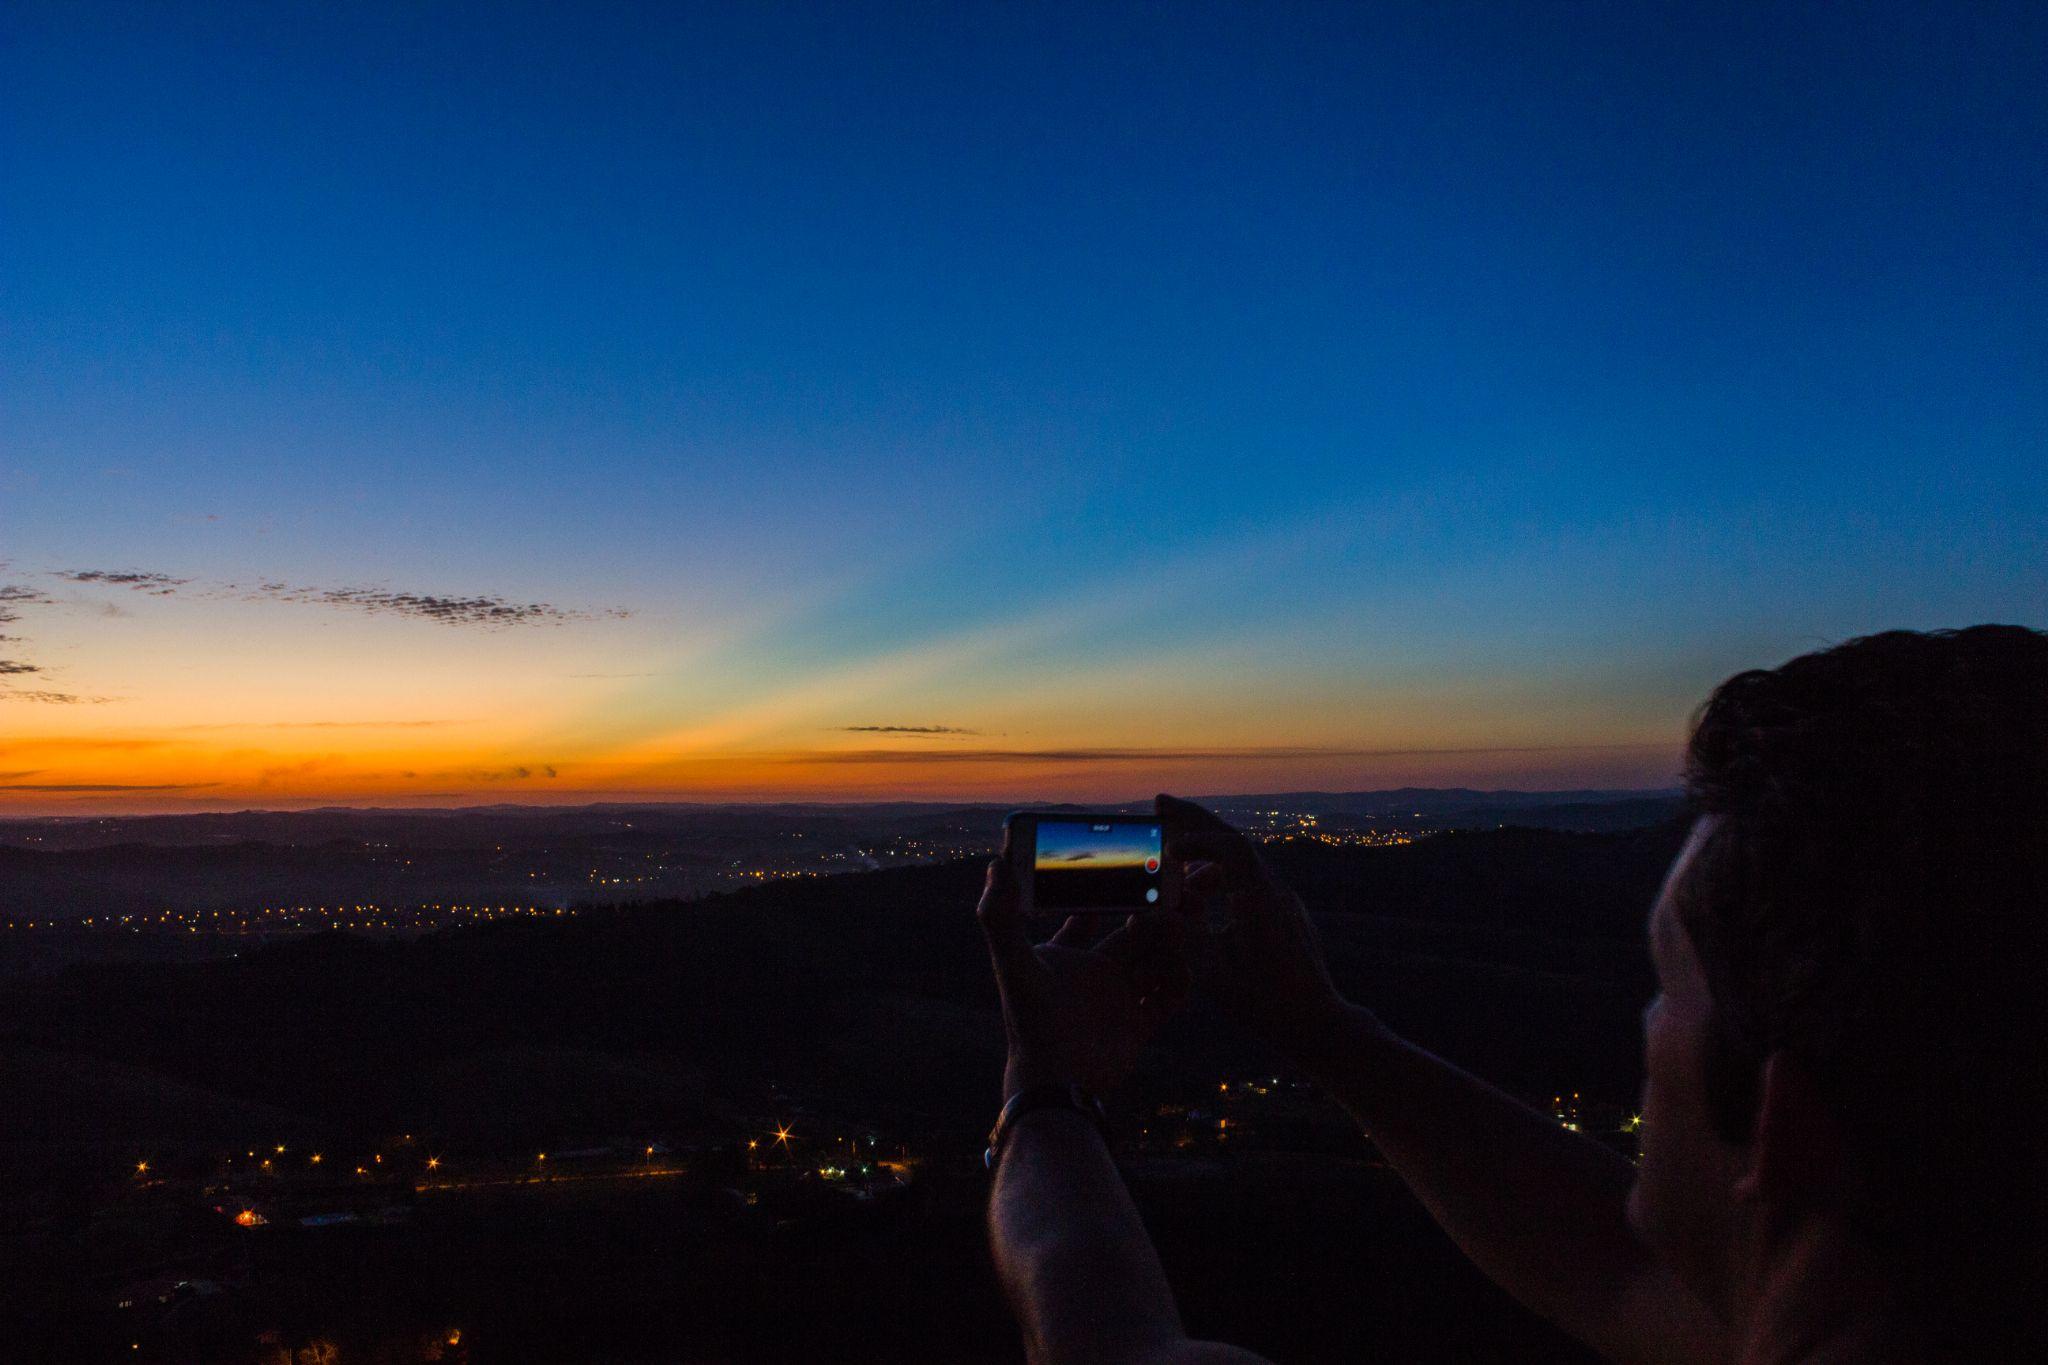 enjoy the view by zocobi